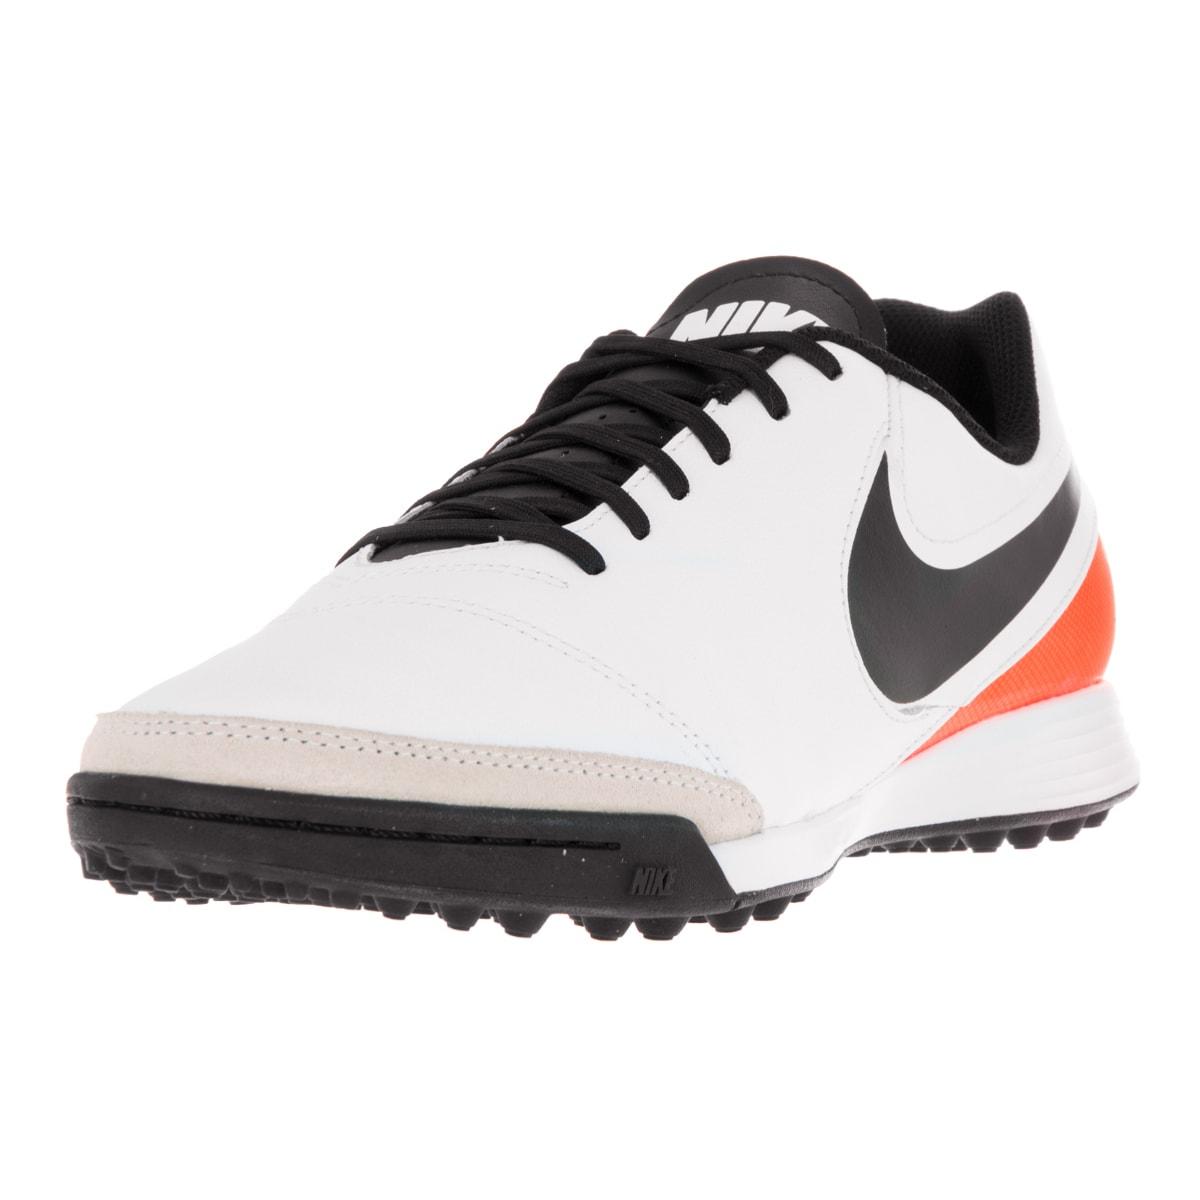 Nike Men's Tiempo Genio II White/Black Total Orange Leath...